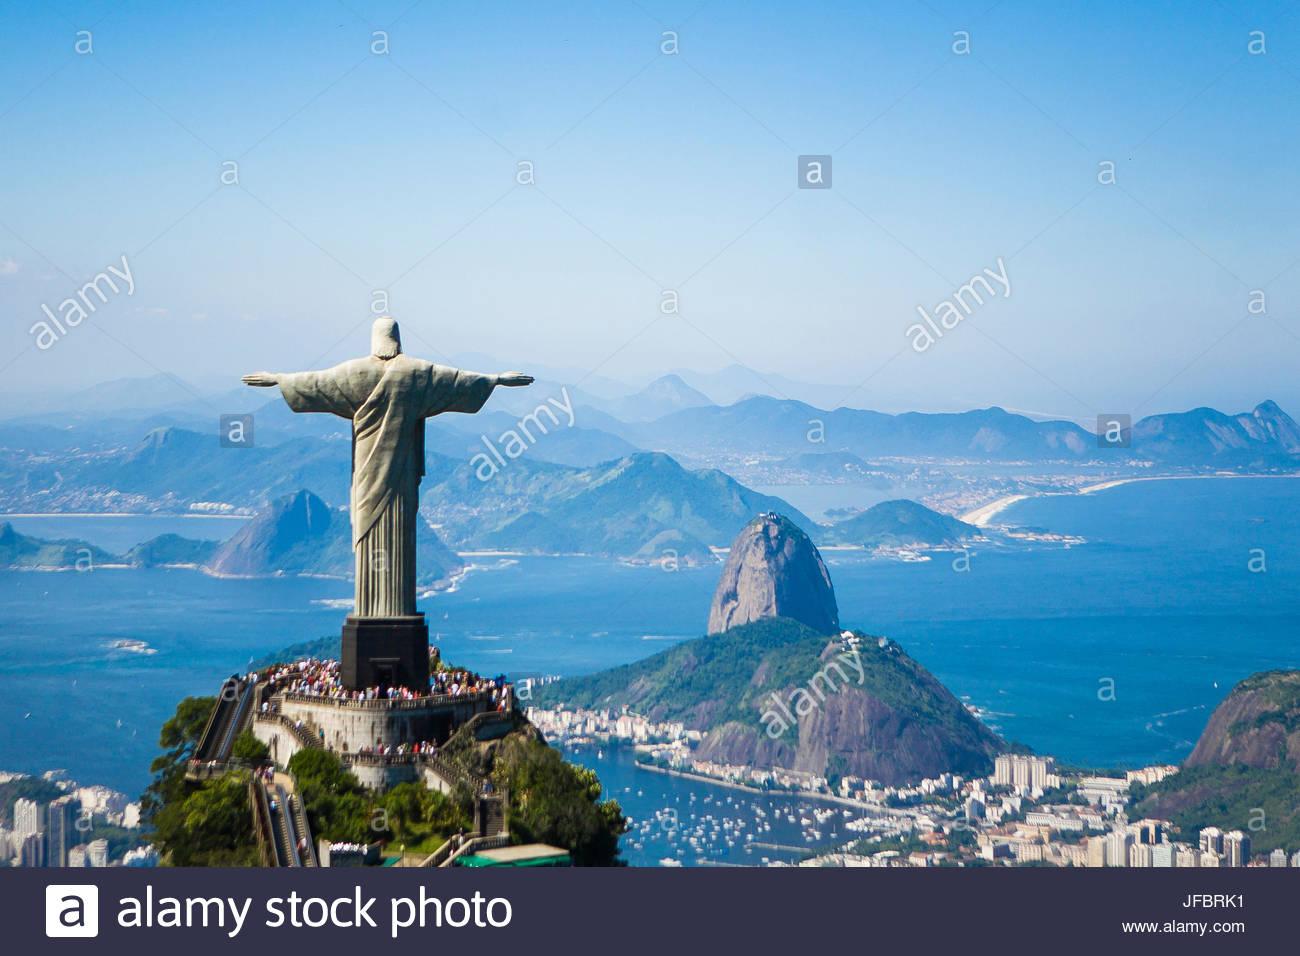 Luftaufnahme Des Erlösers Christus Statue Mit Blick Auf Rio De